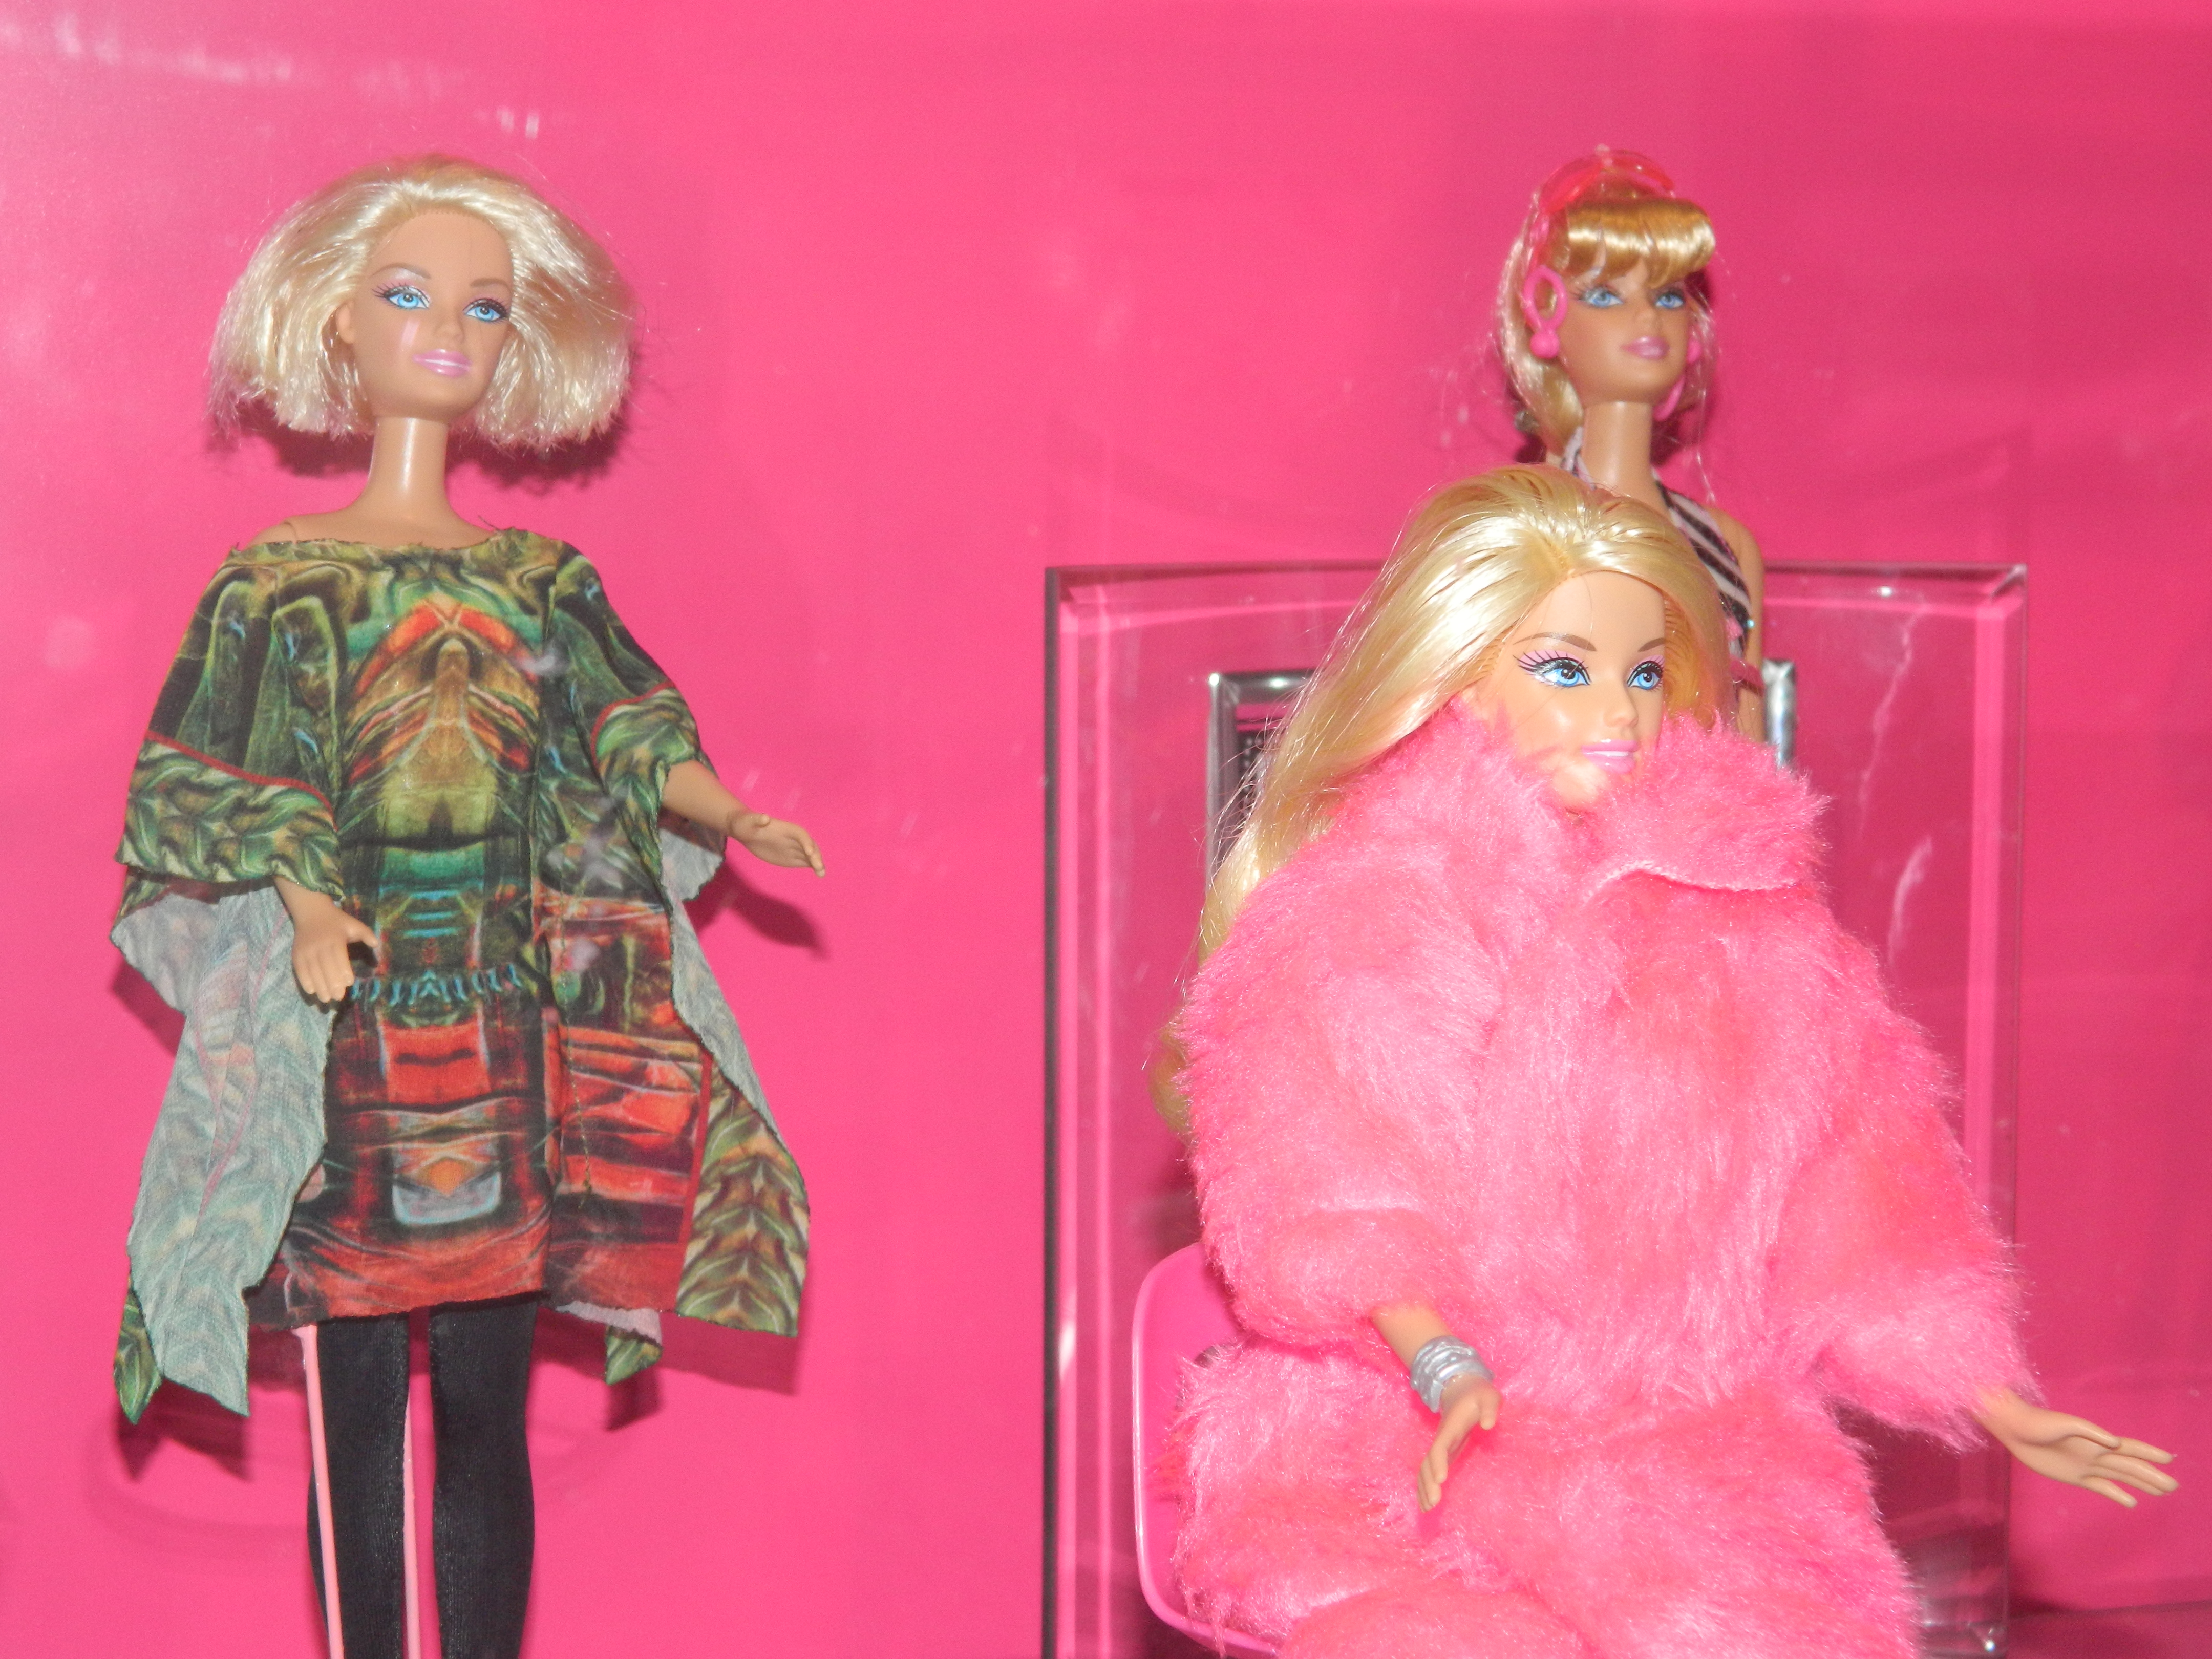 Em exibição, o público pode conferir 150 bonecas Barbie, vestidas com réplicas de criações de estilistas como Cabeto, Kalil Nepomuceno, Alysson Aragão, Lino Villaventura, Tales Macedo, Karina Sampaio, Lúcia Pereira, Lindalva Moreira e Irene Pinheiro (FOTO: DIVULGAÇÃO)